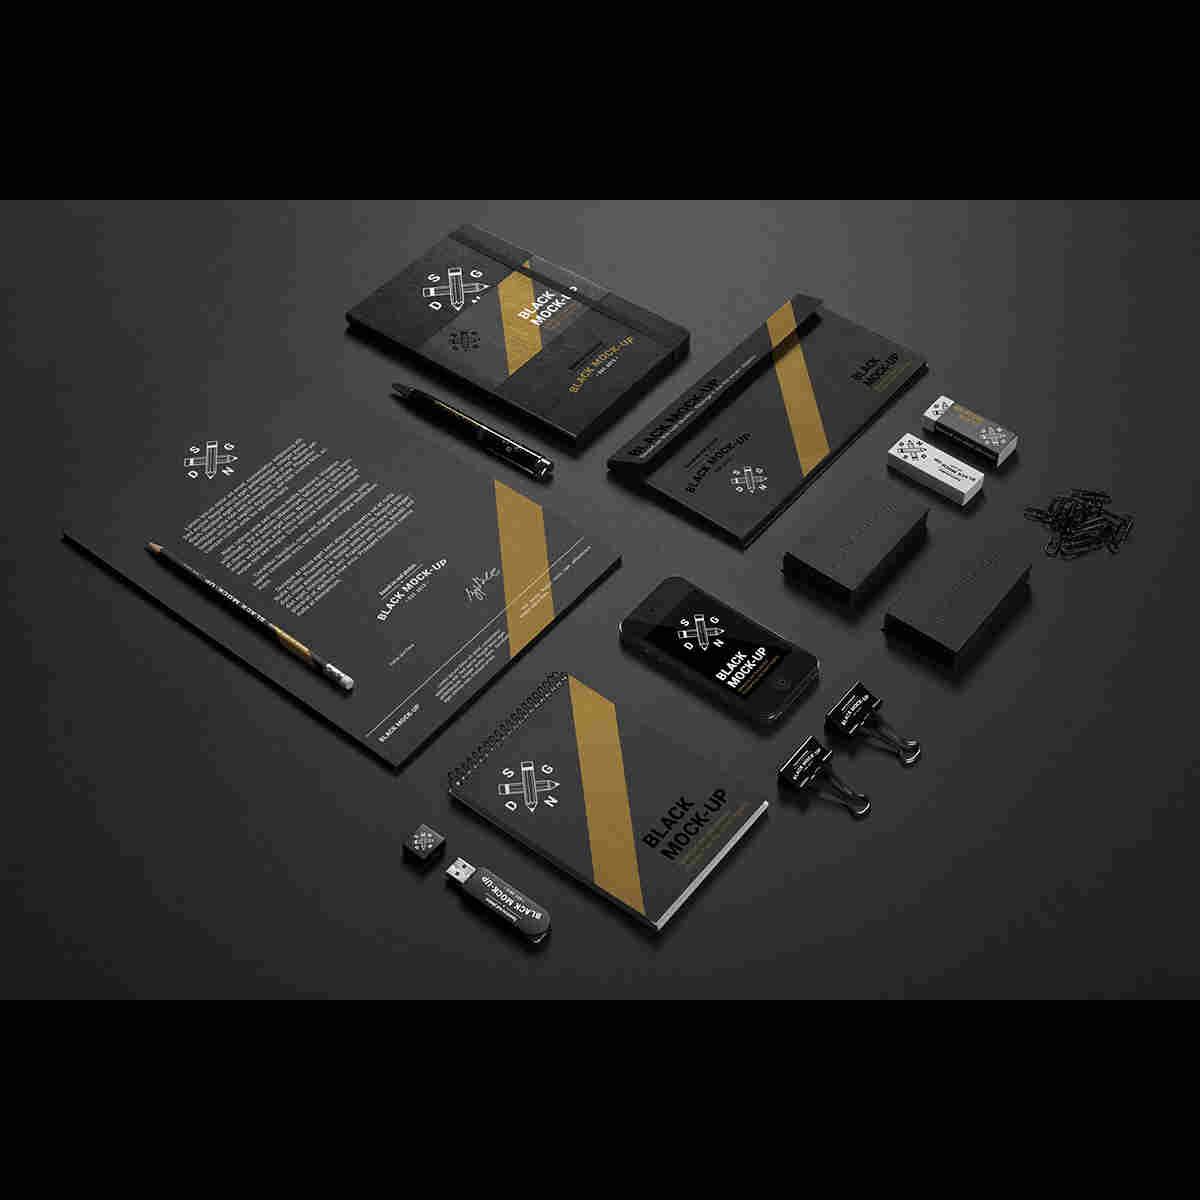 Corporate Brand Identity Design Services Canada